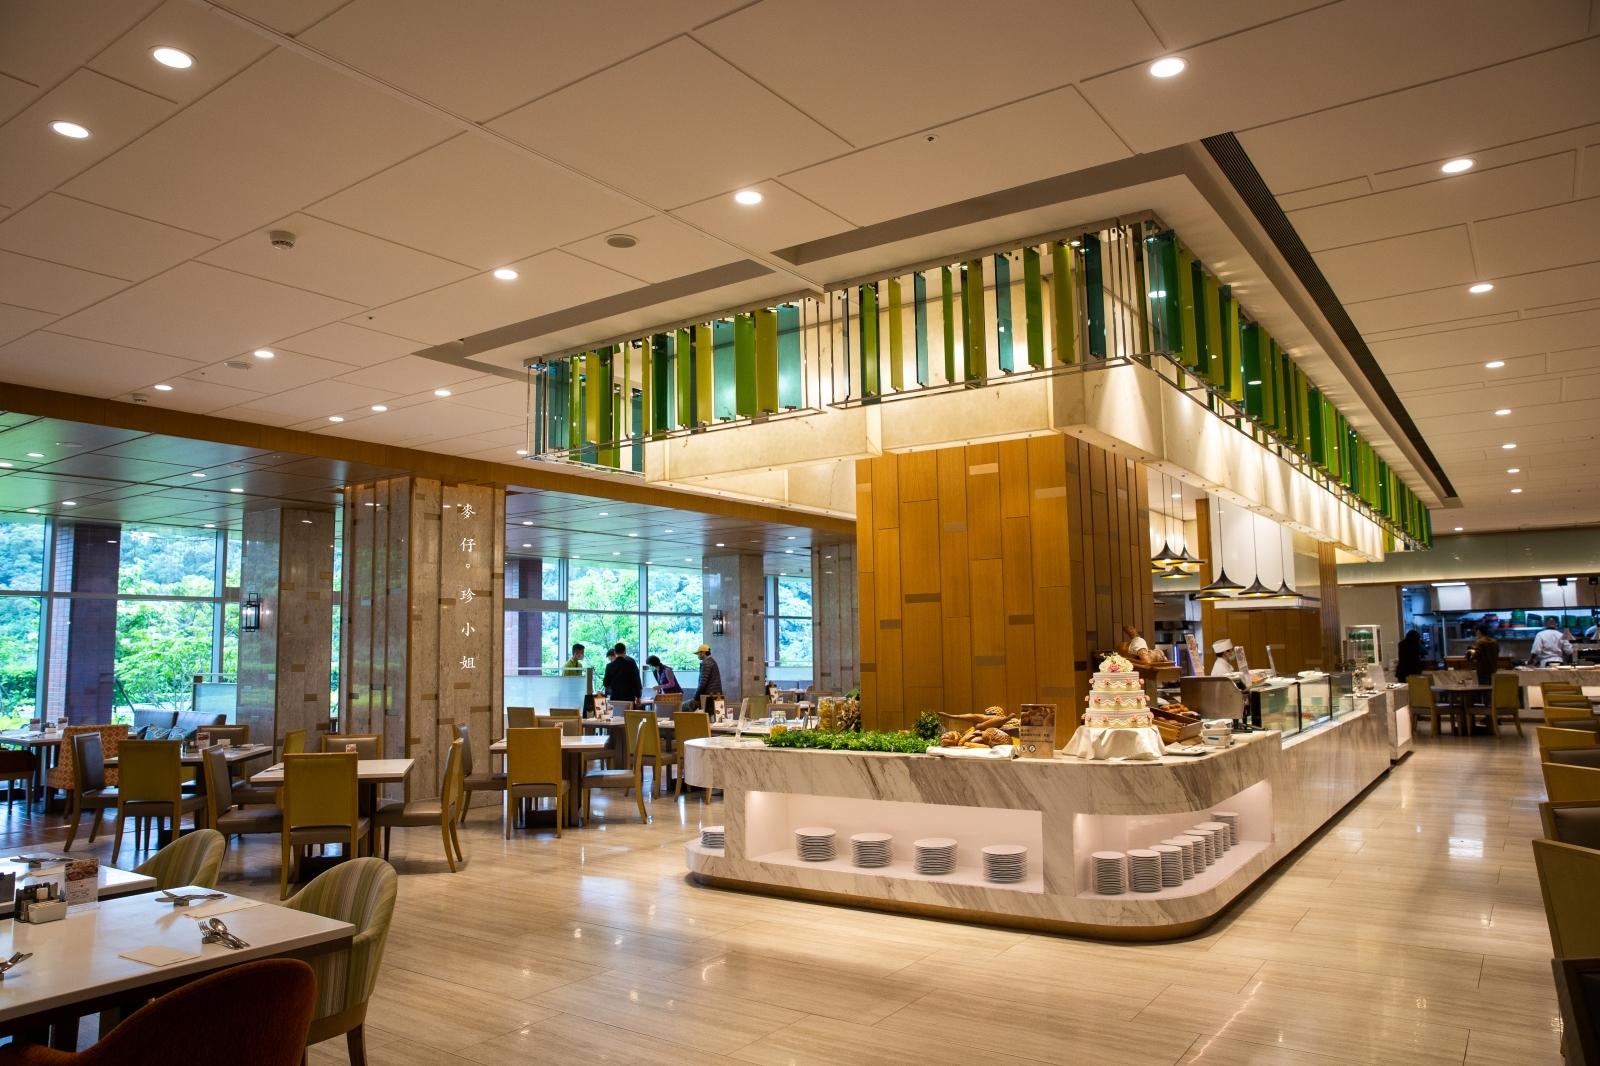 台北南港超浮誇海陸雙饗主餐,吃美國極黑和牛送龍蝦只在『六福萬怡酒店敘日全日餐廳』,全面現點現做更放心